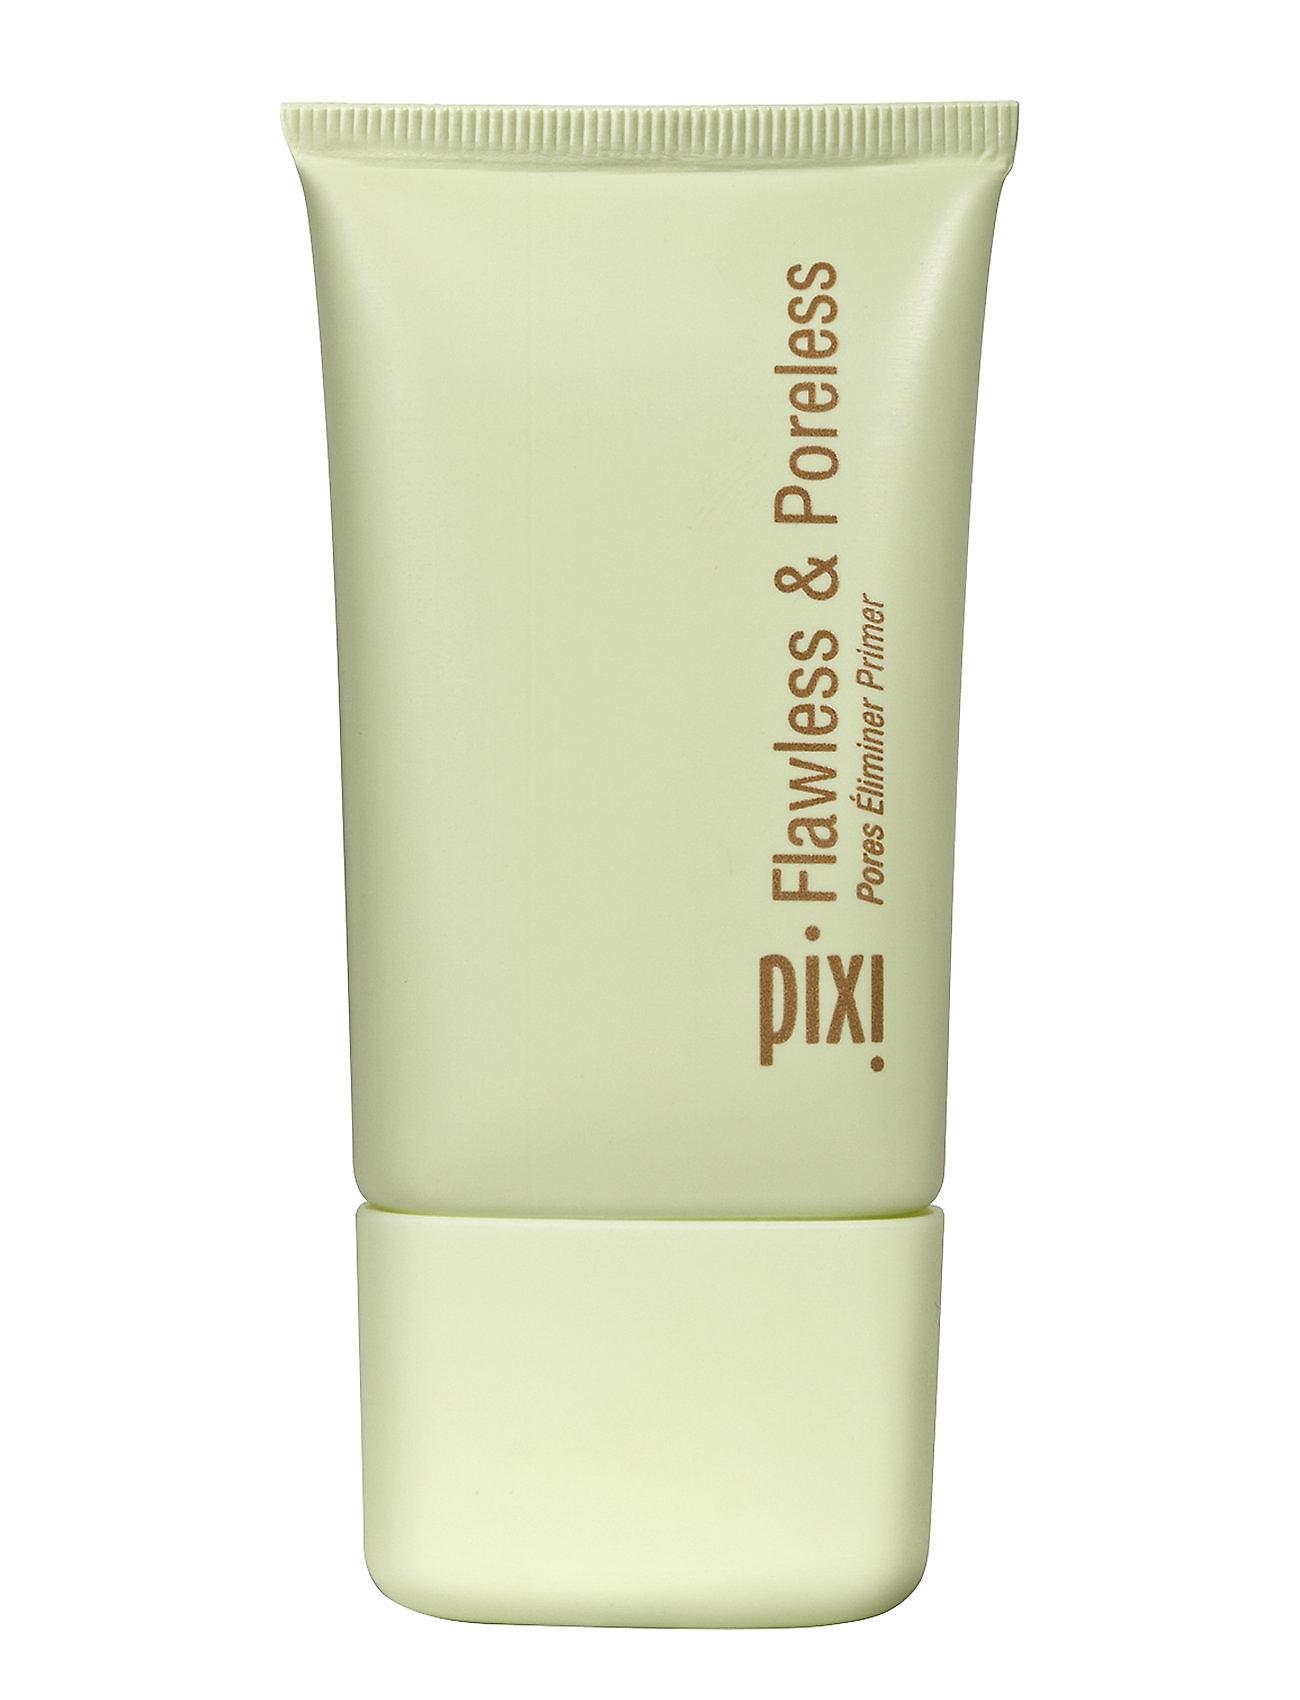 Pixi Flawless & Poreless Primer - NO COLOR